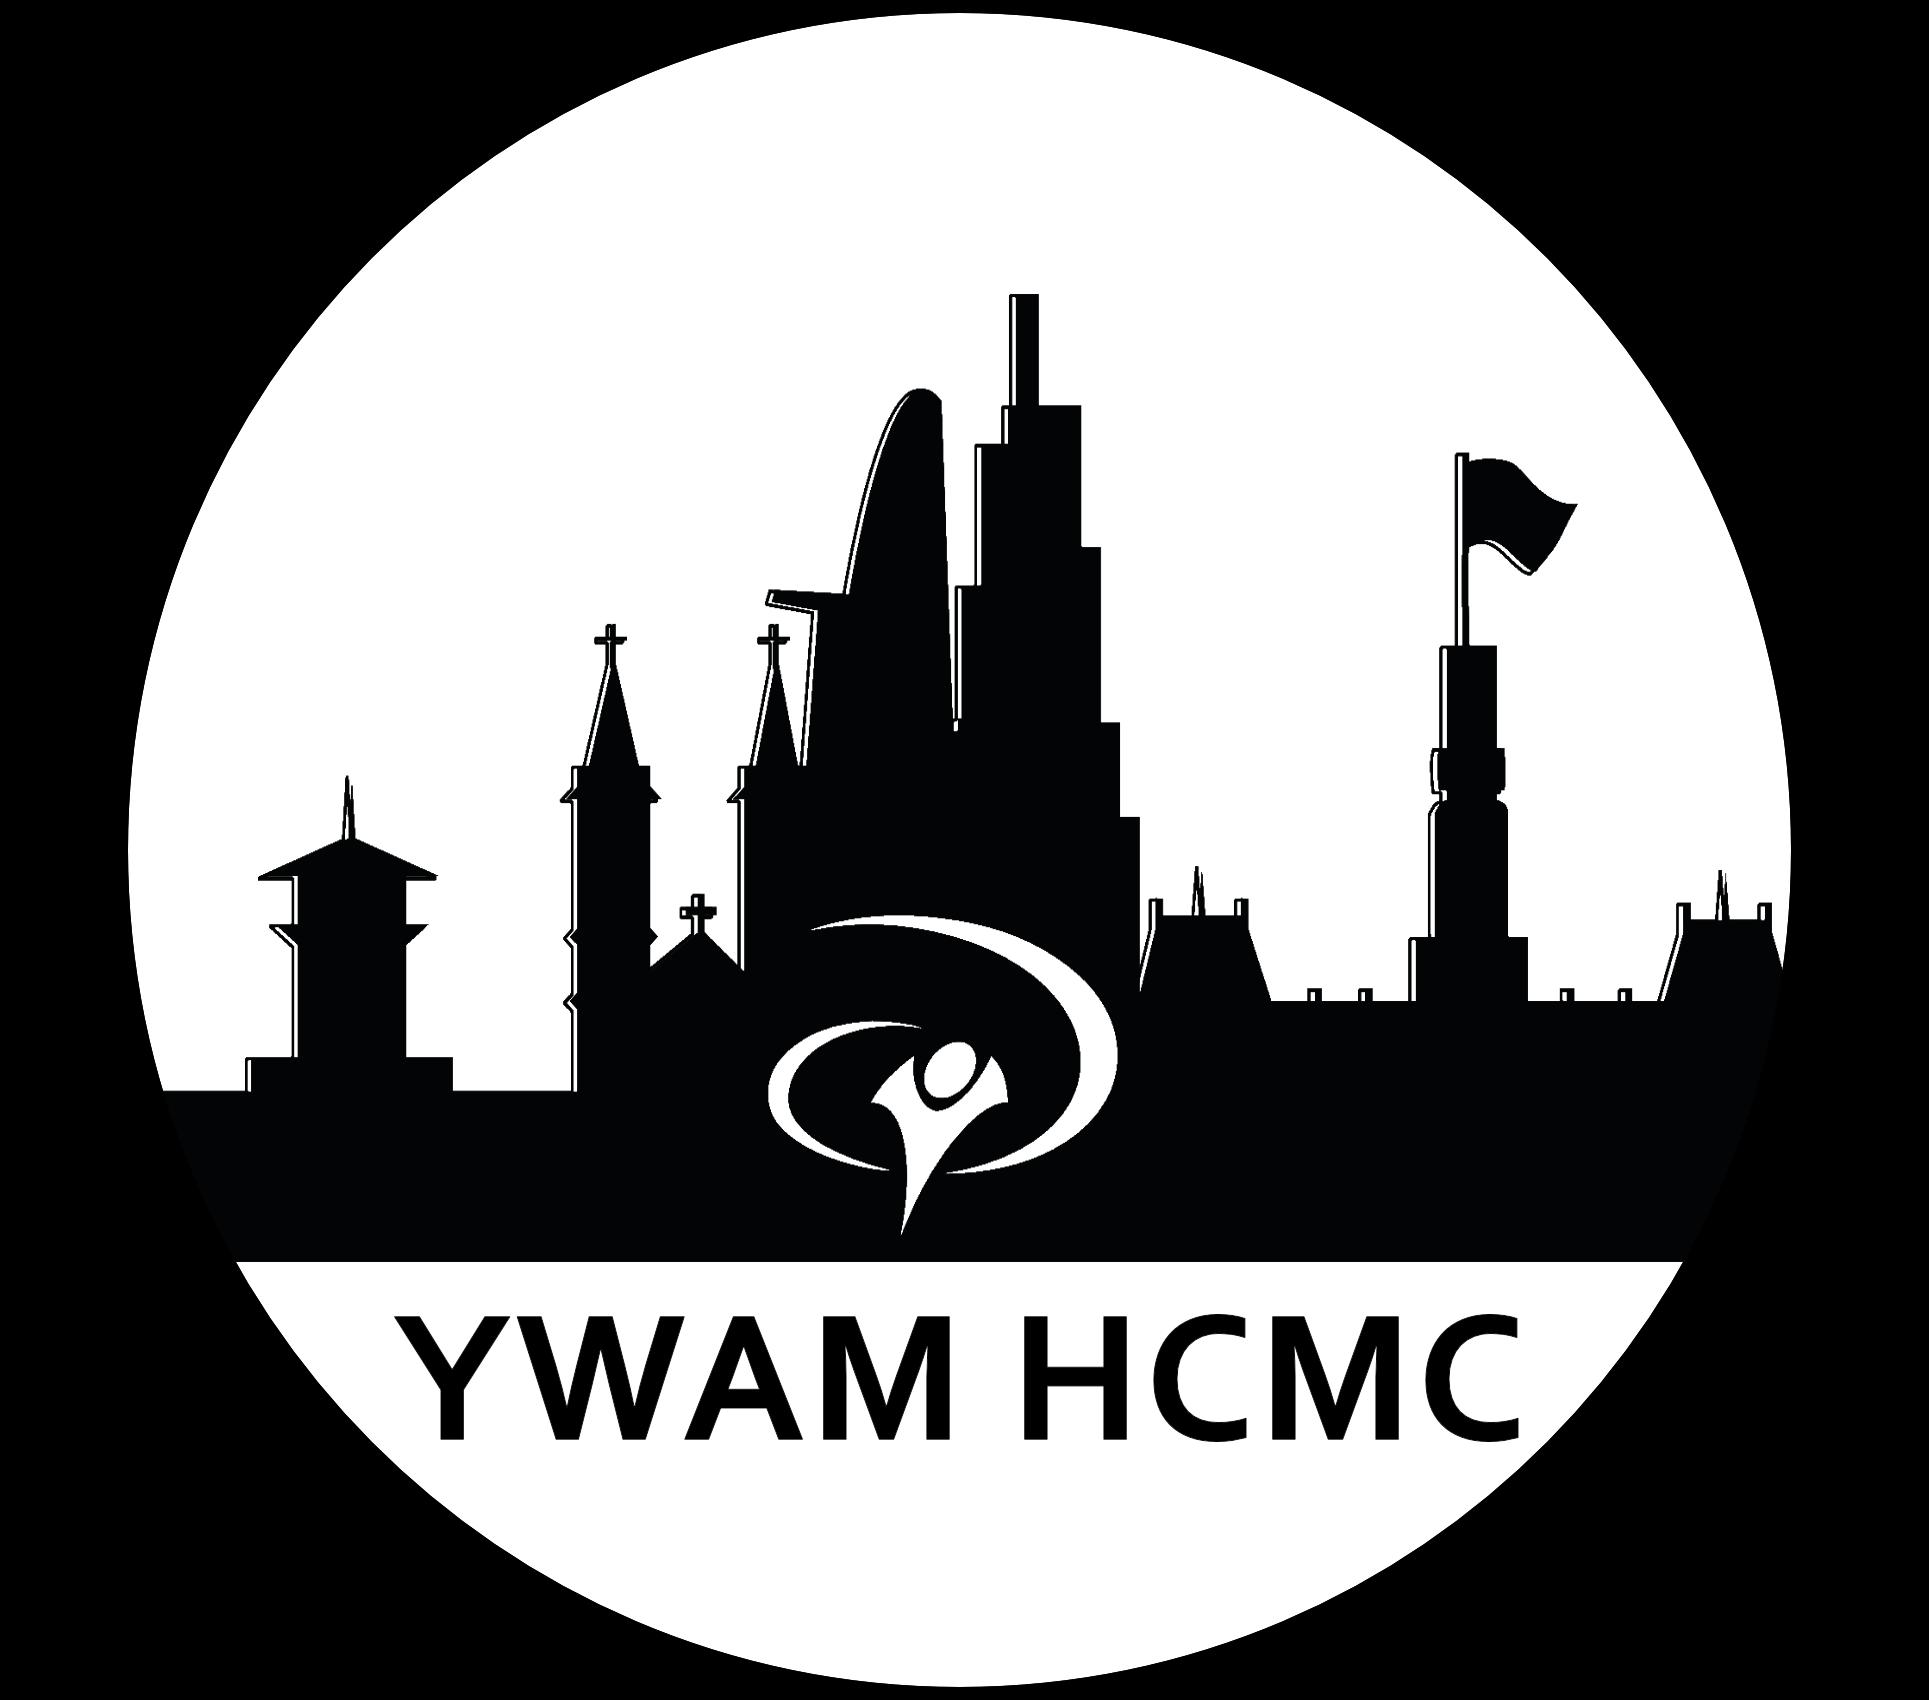 YWAM HCMC